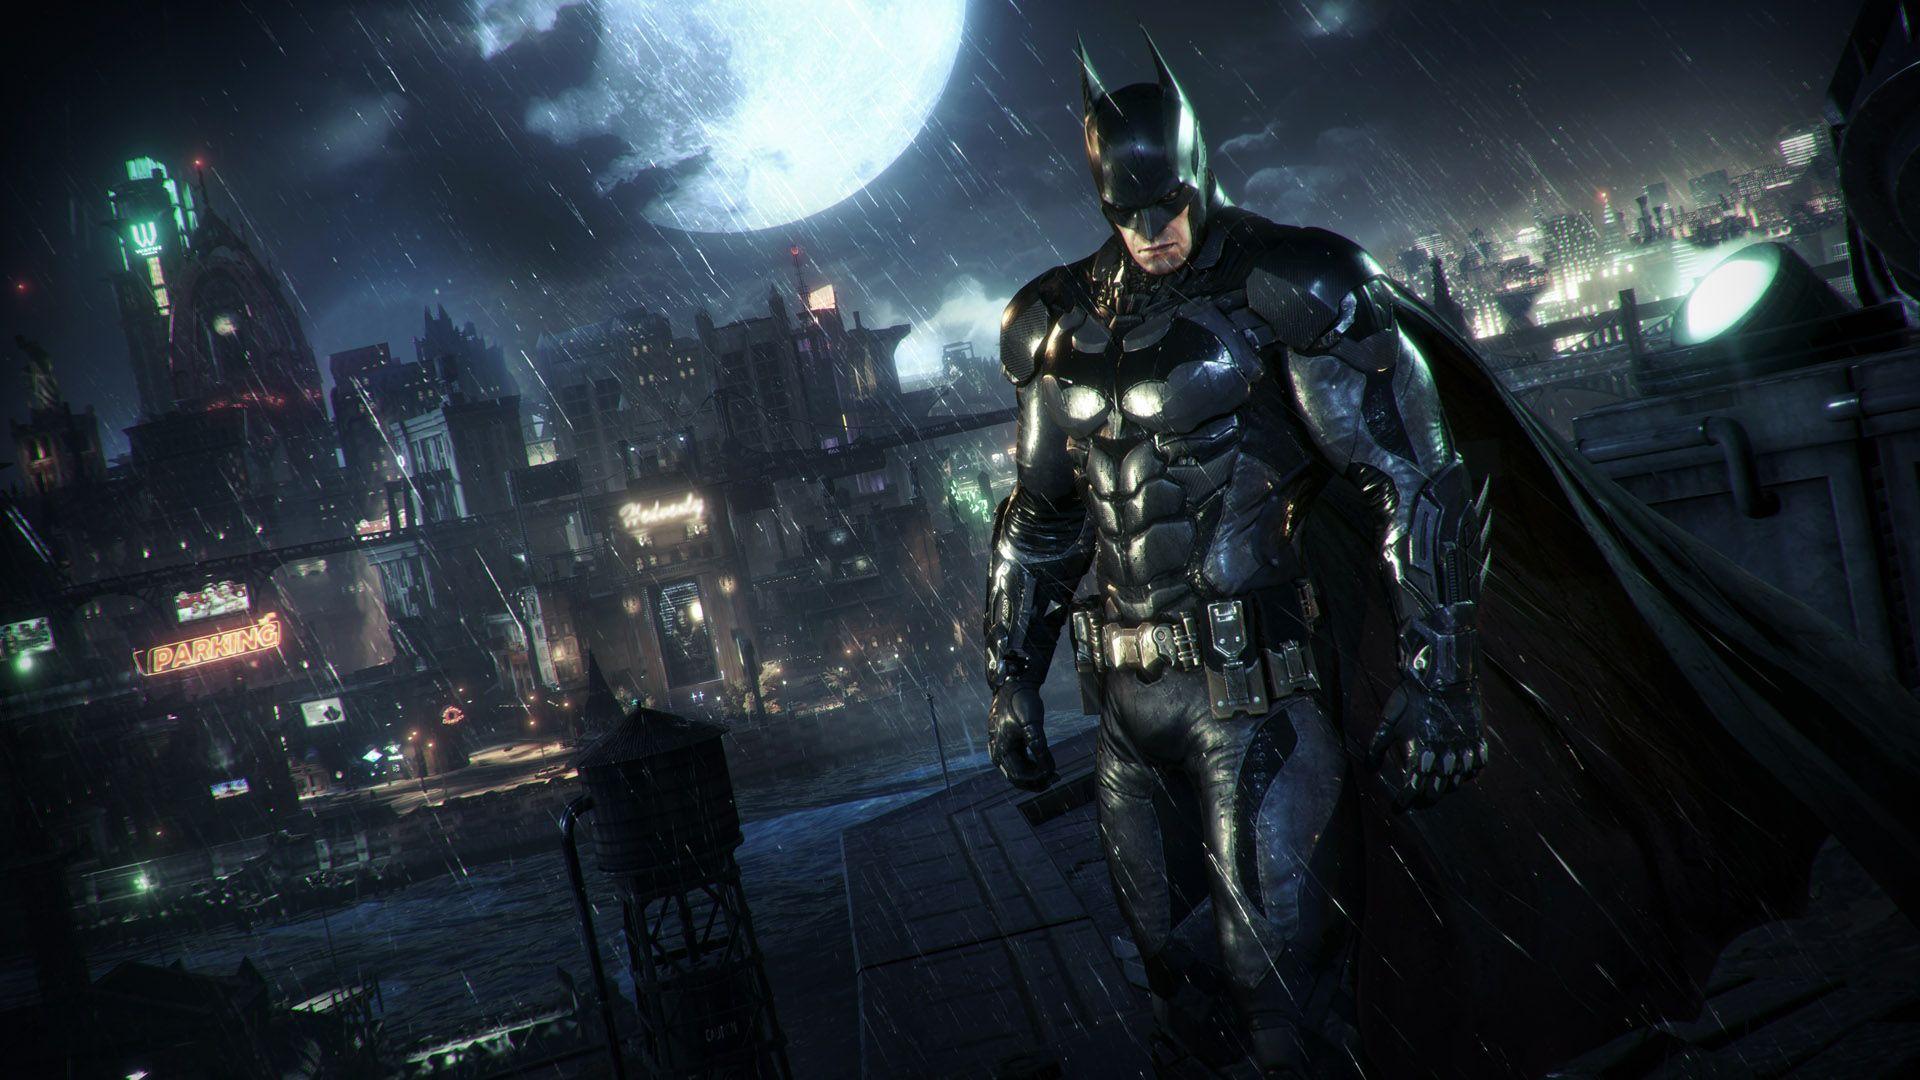 batman hd wallpaper for android, batman arkham wallpaper